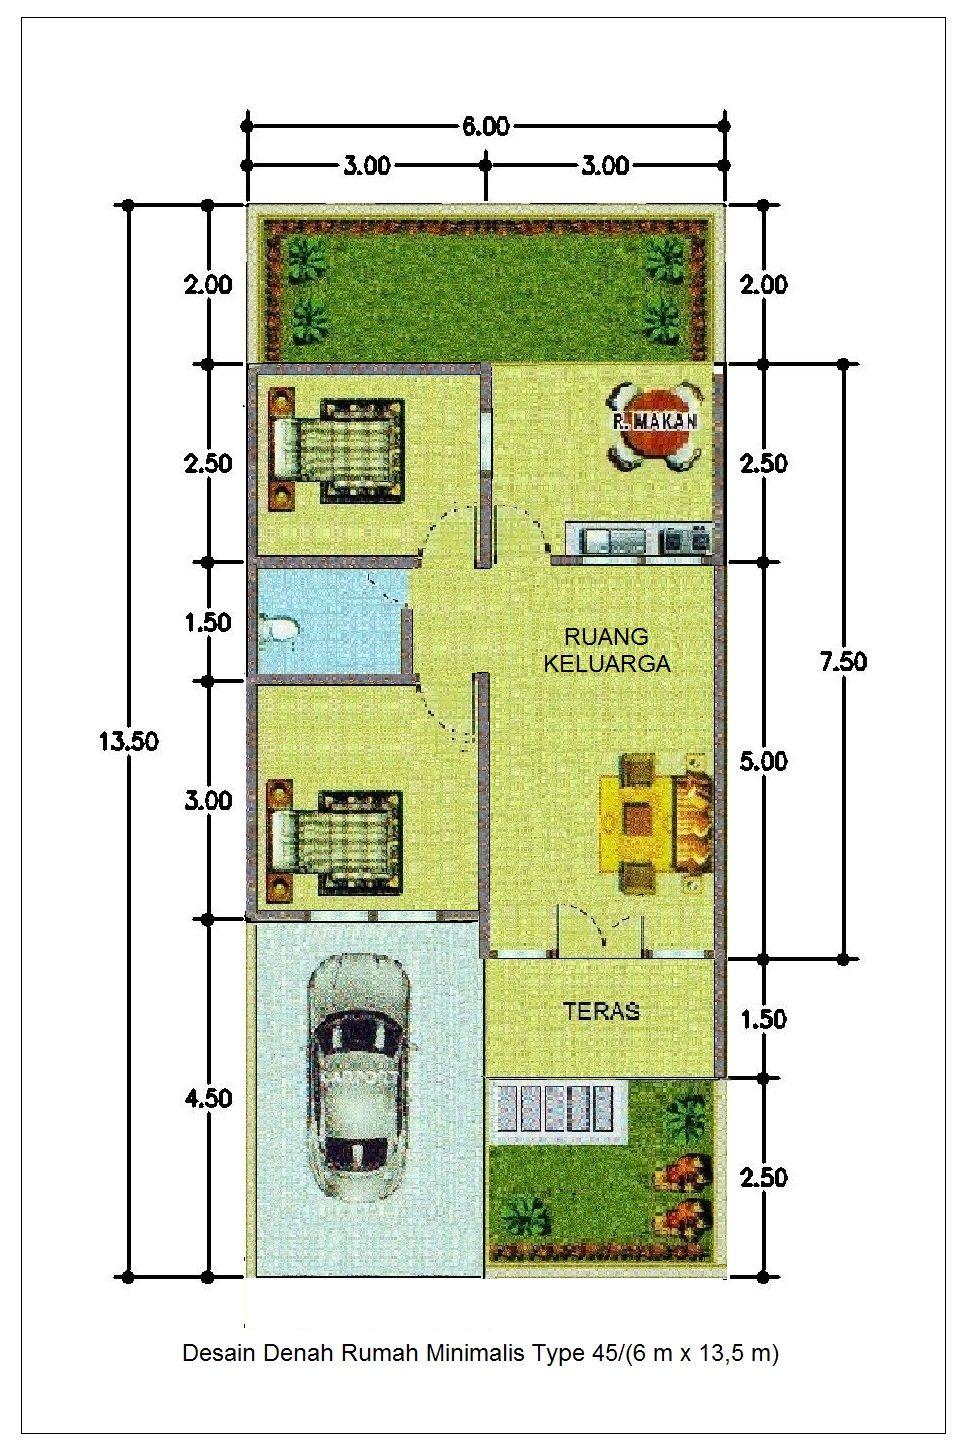 Desain Rumah Type 45 Luas Tanah 60